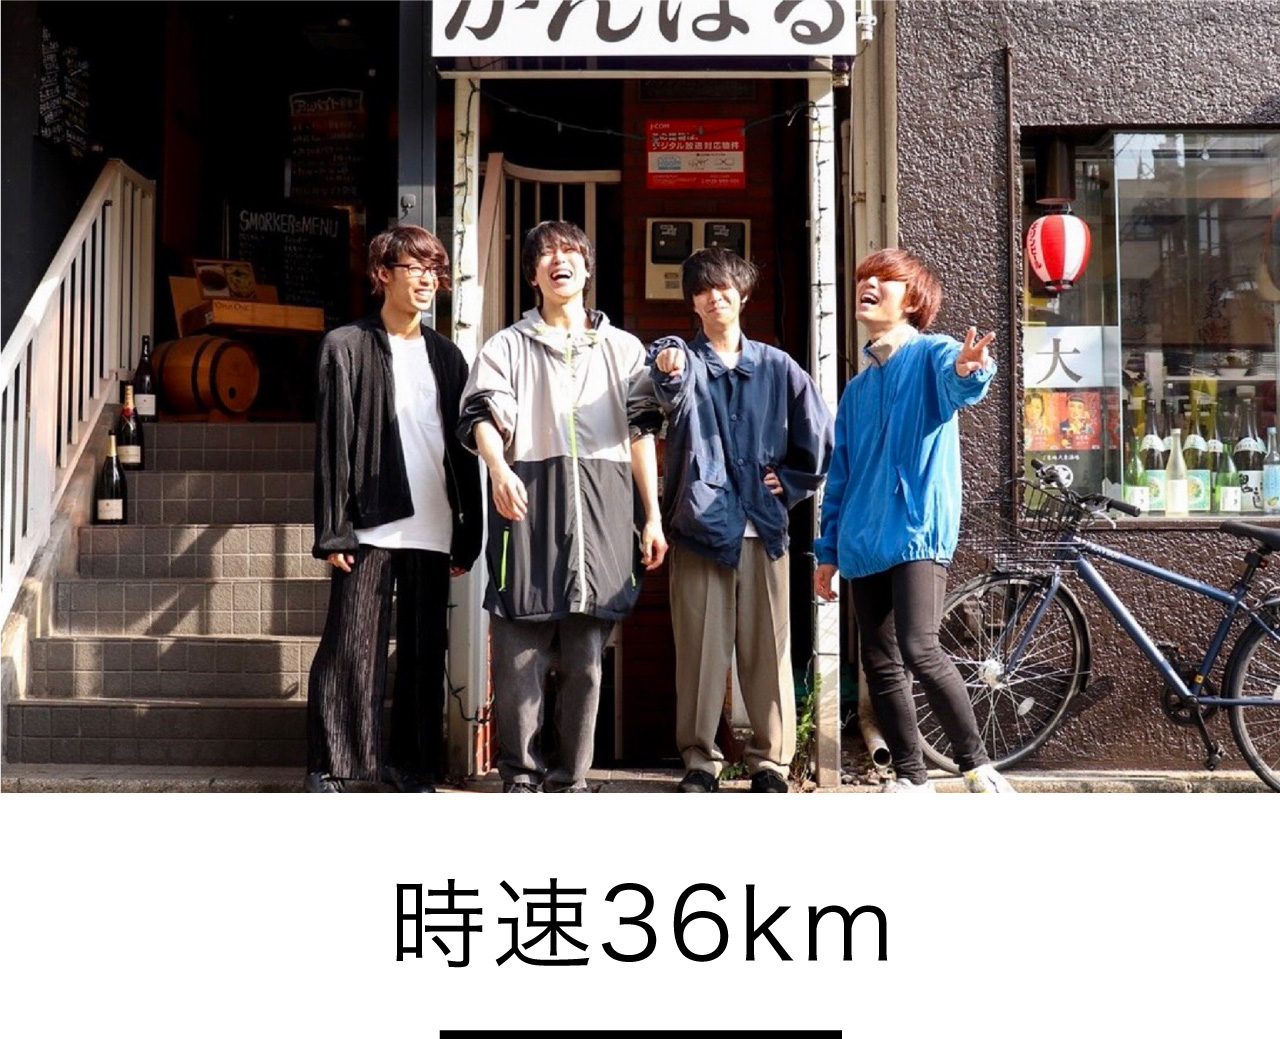 時速36km